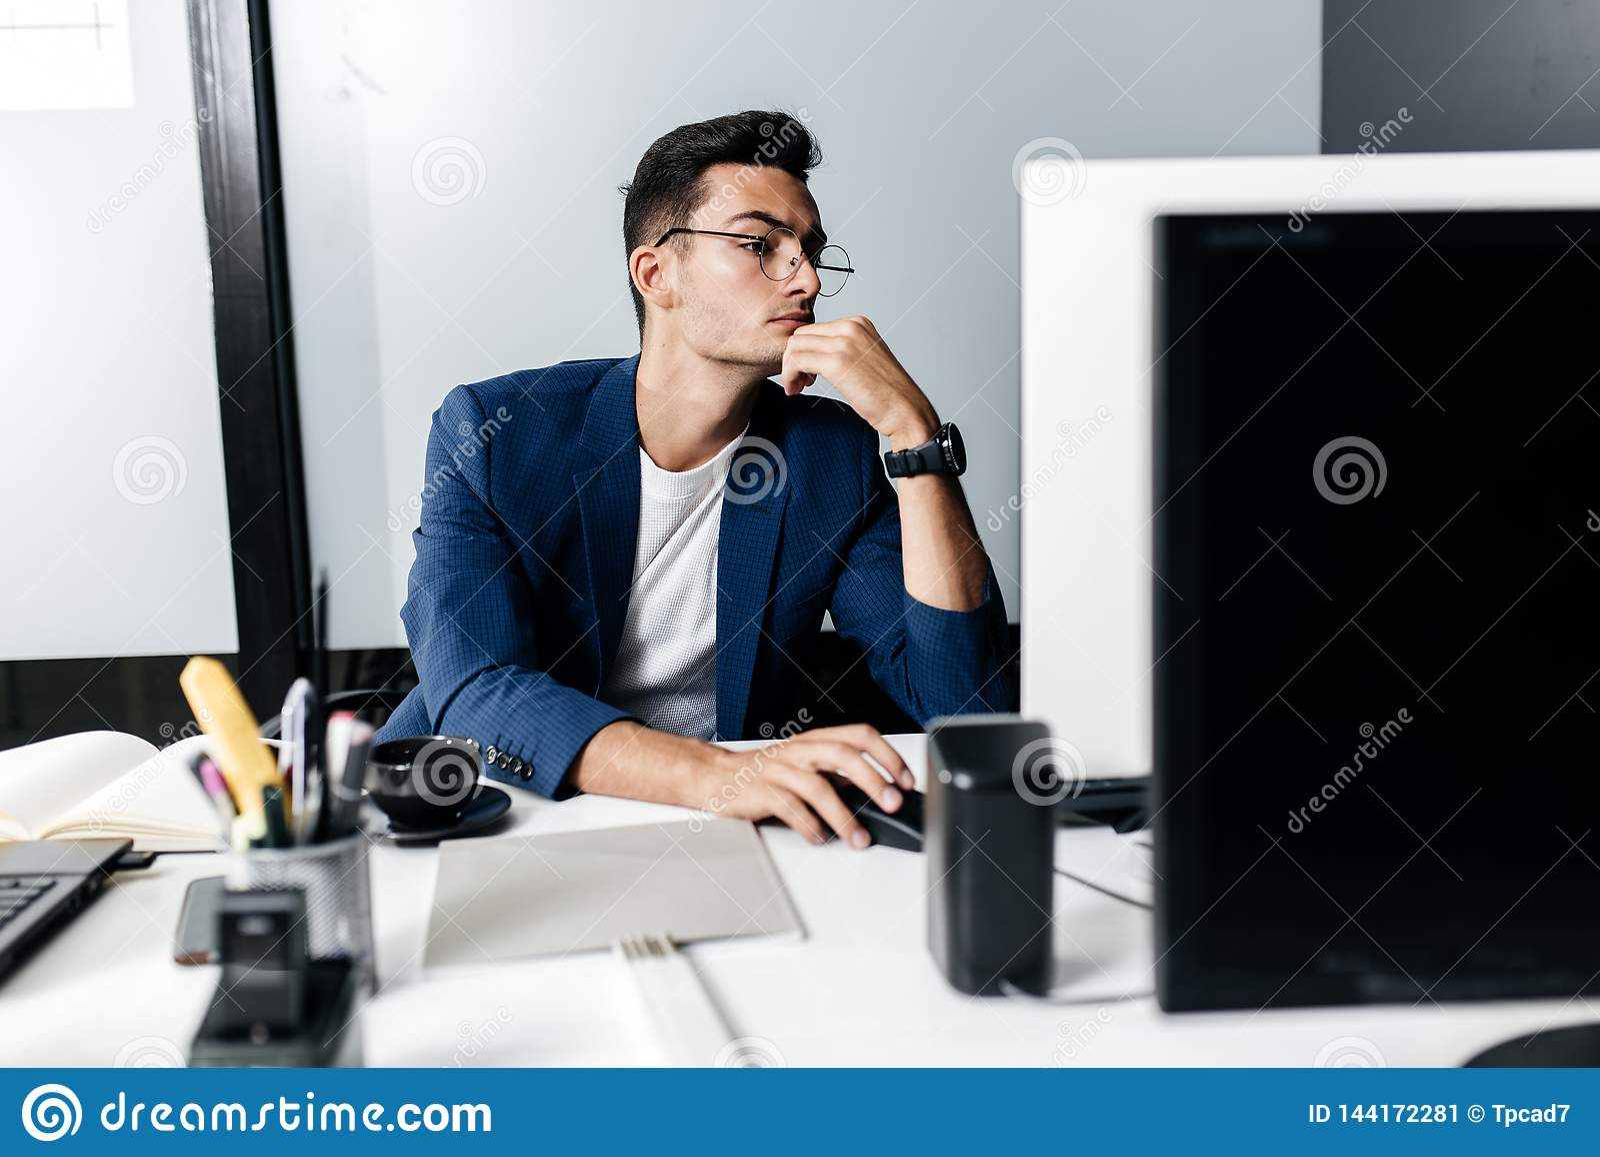 Архитектор молодого человека в стеклах одетых в деловом костюме сидит на столе перед компьютером в офисе